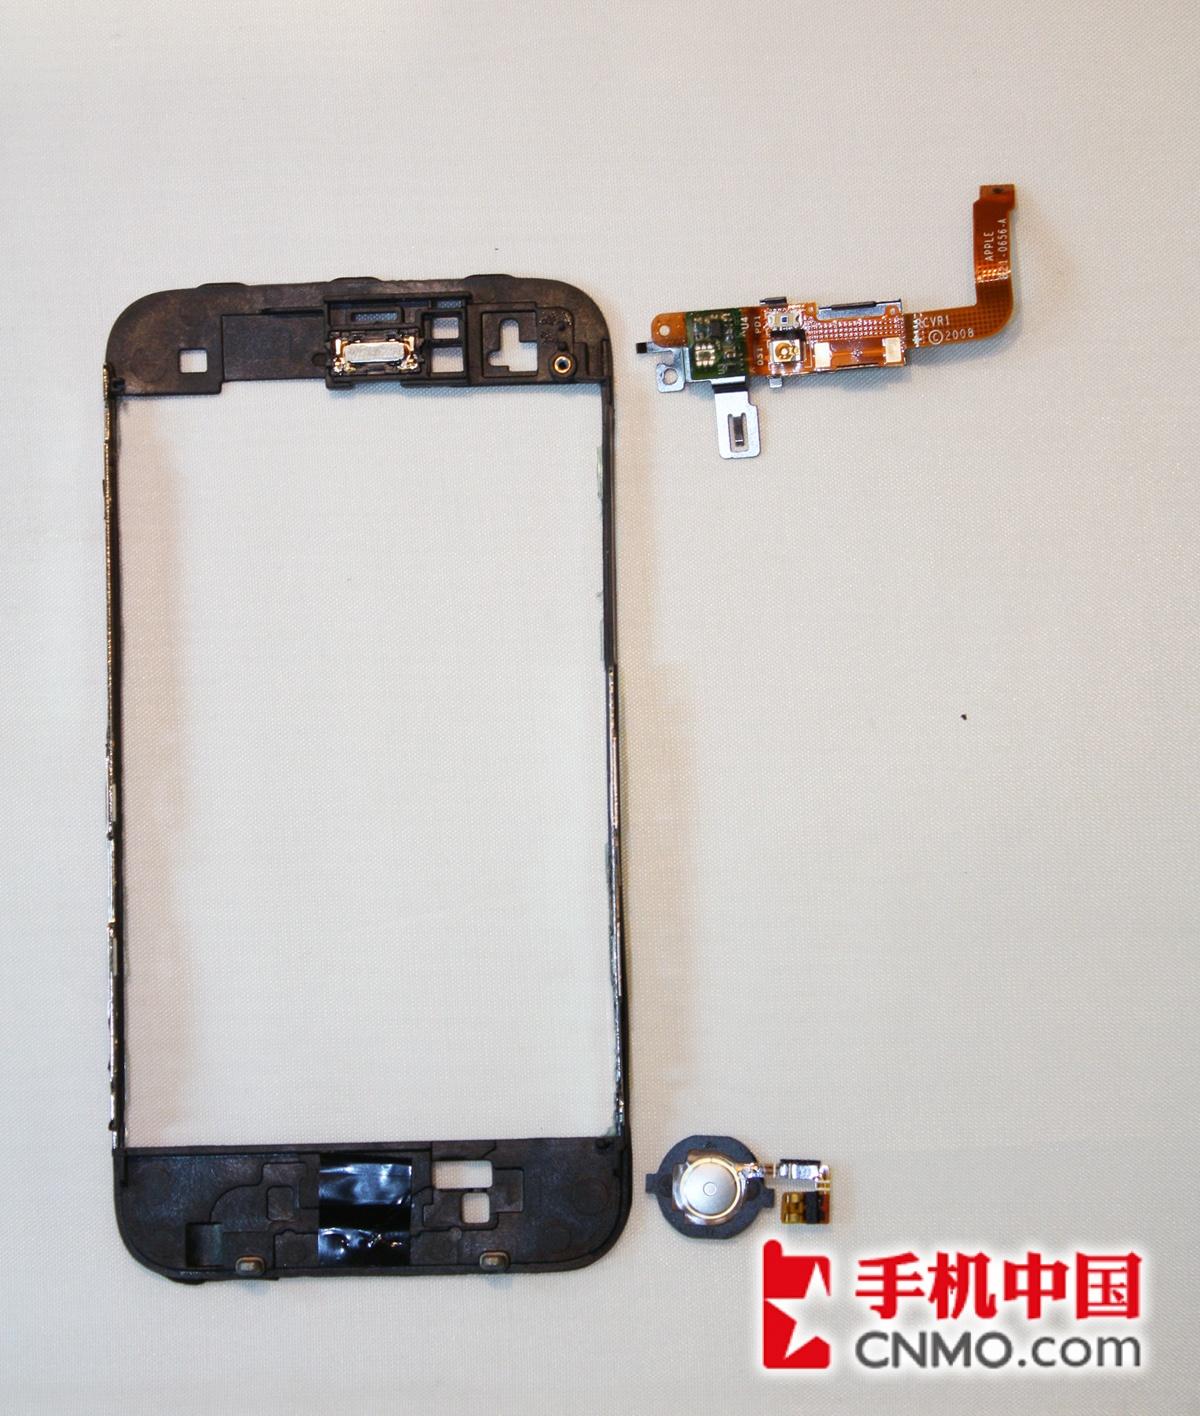 大卸八块 苹果iphone 3gs完全拆机图解